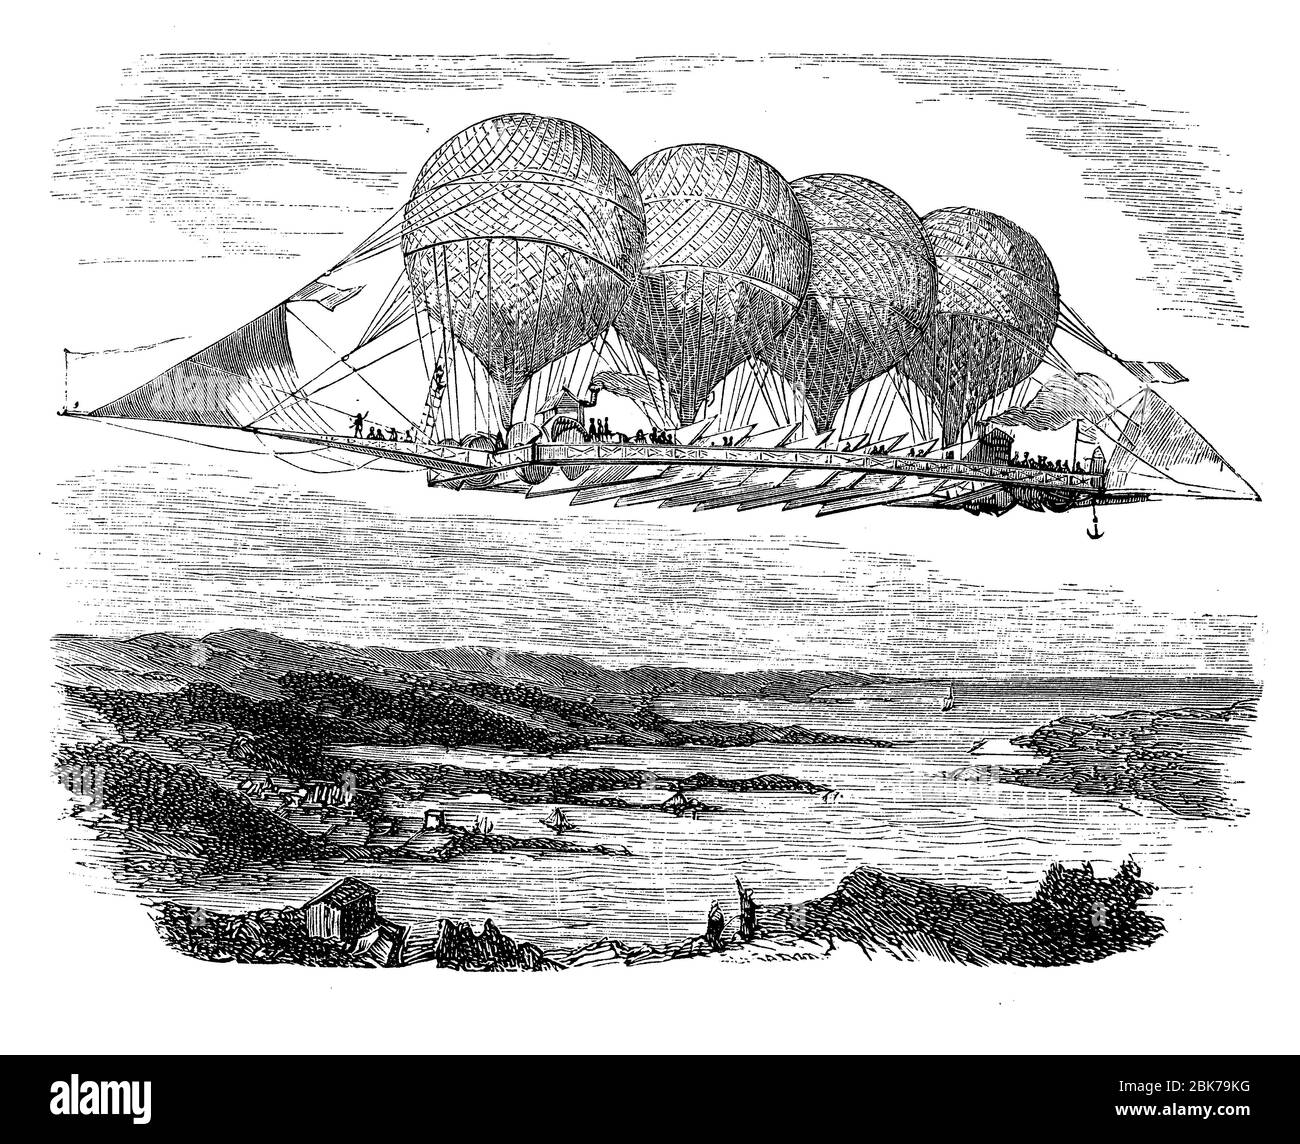 Monsier Pein el balloonista francés diseñó un avión de 160 yardas de largo sostenido en arboladura por cuatro globos con una plataforma y un sistema de dirección, 1850 Foto de stock